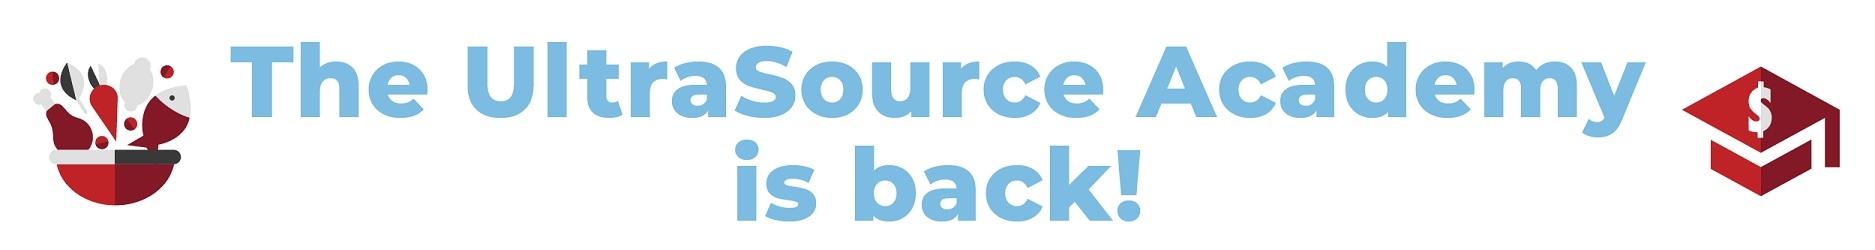 UltraSource Academy is Back